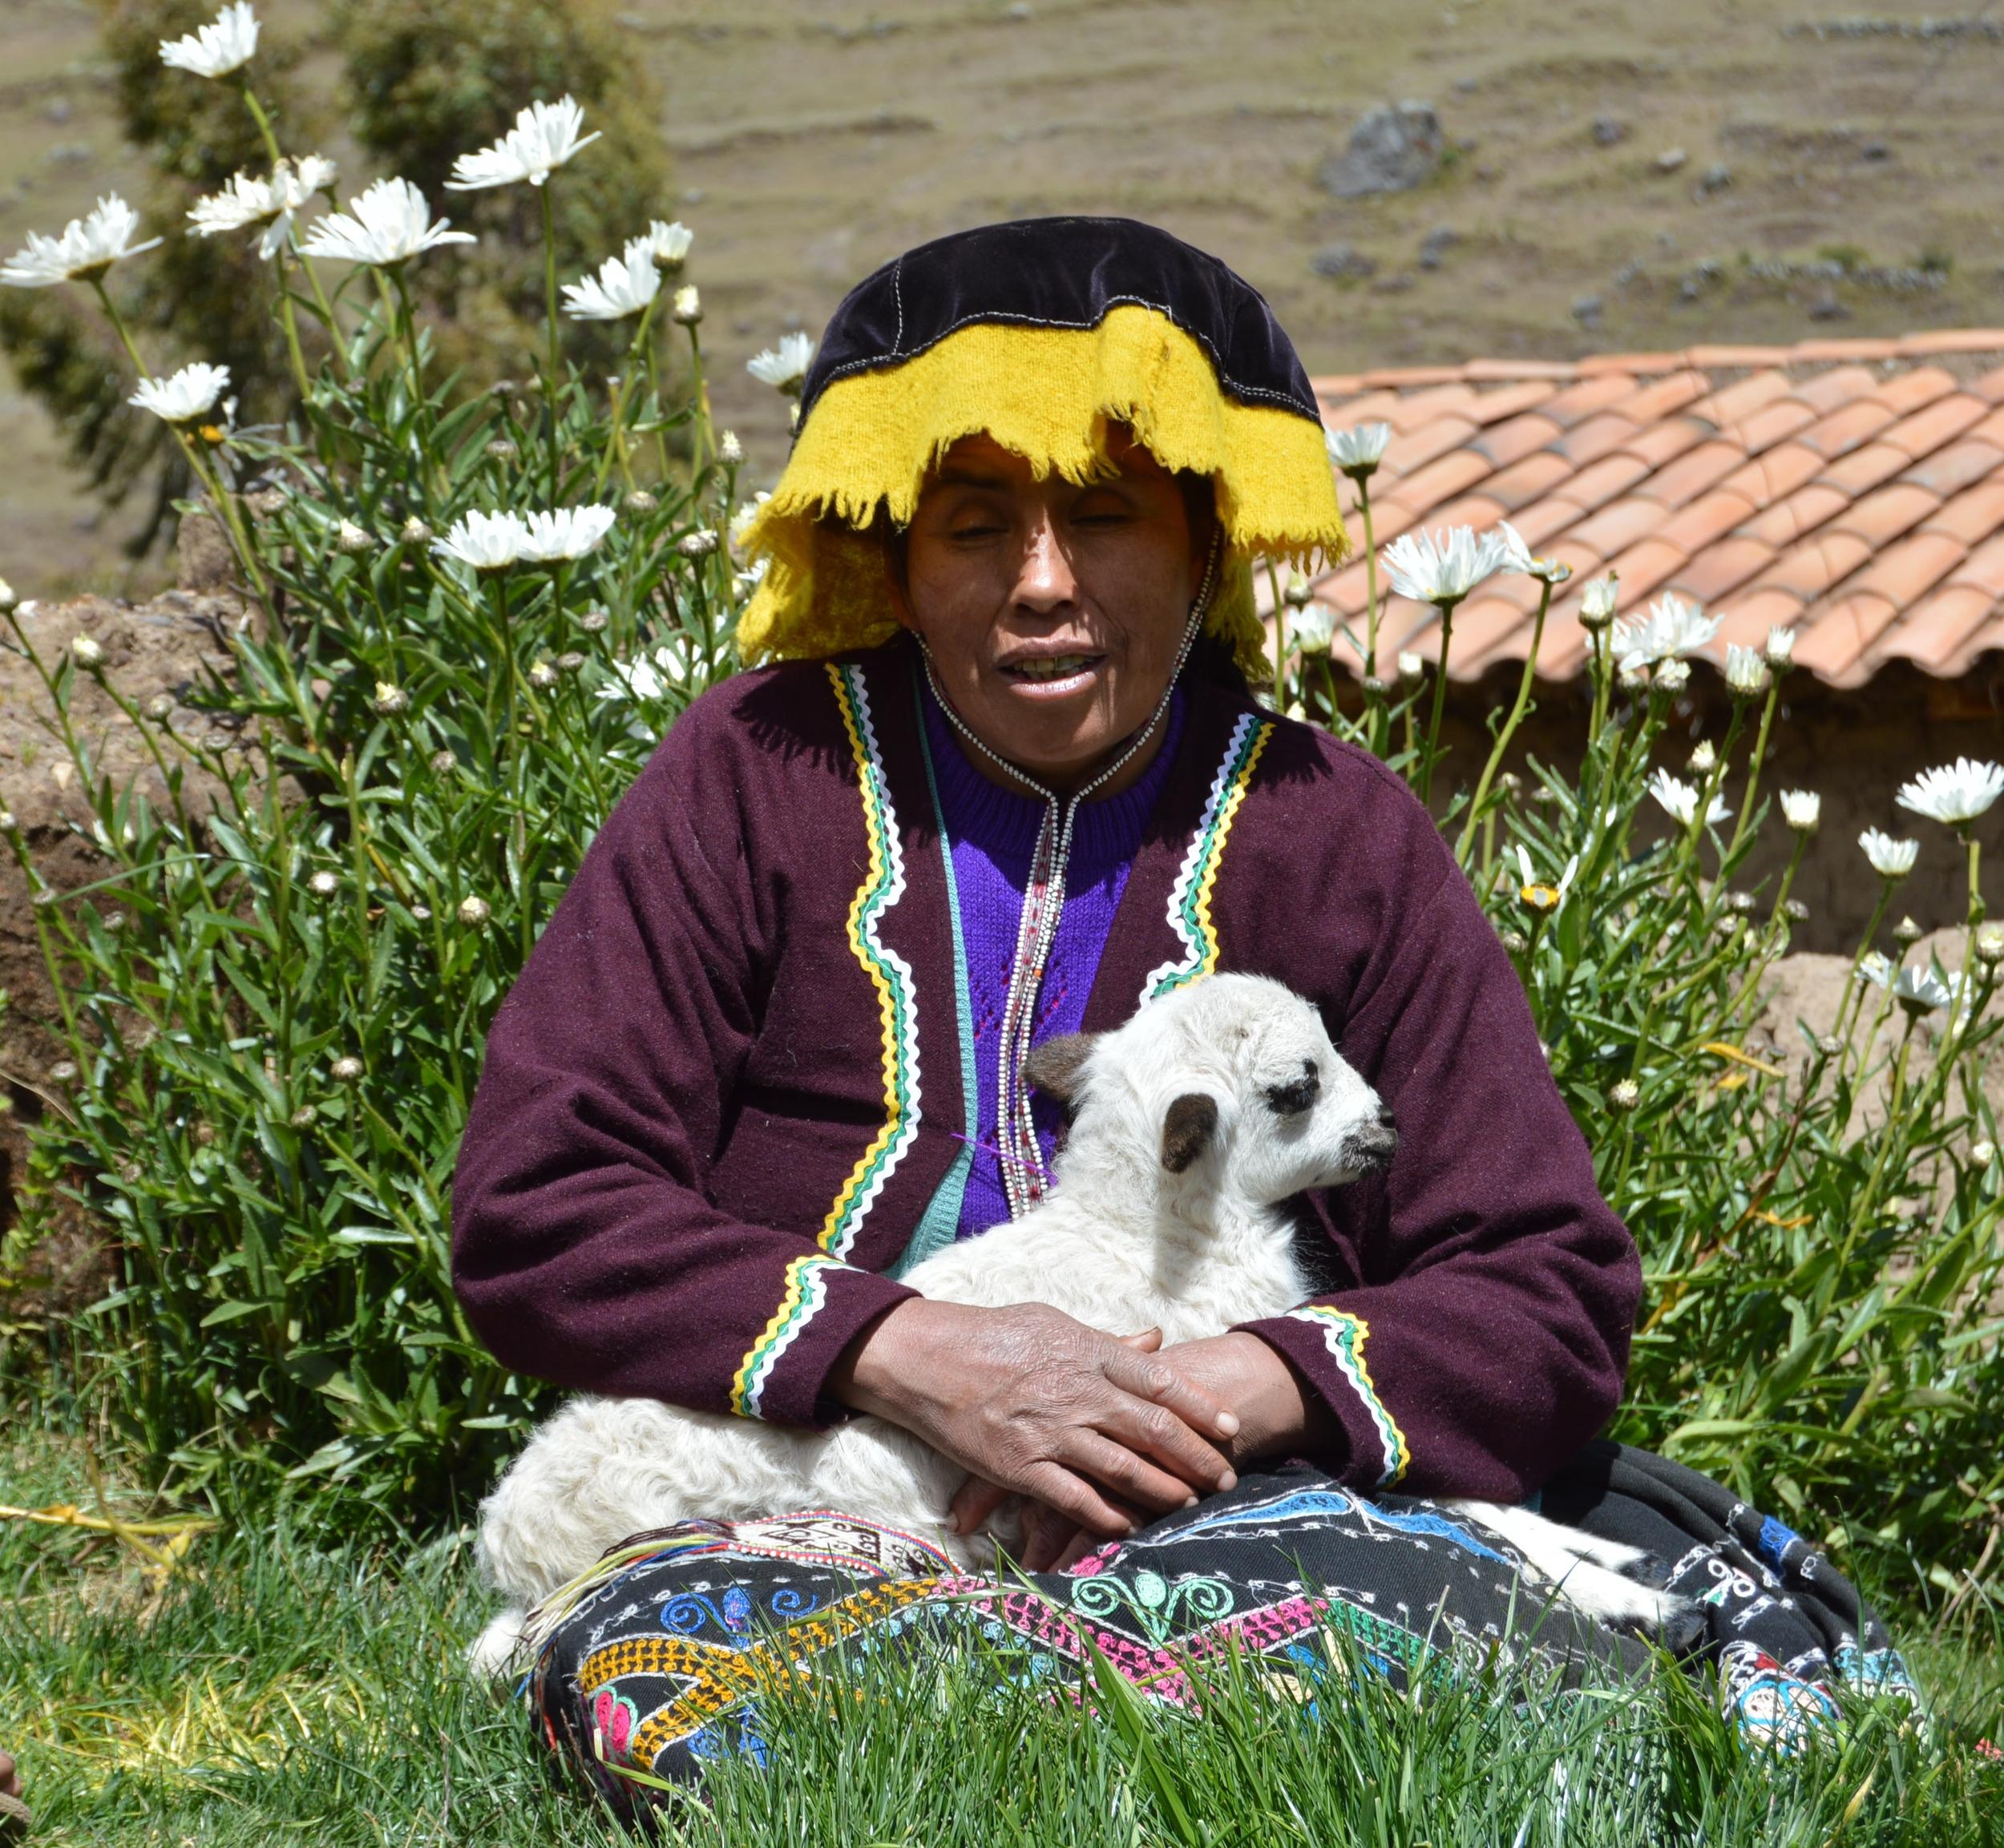 Local community member of Paru Paru near Cusco, Peru